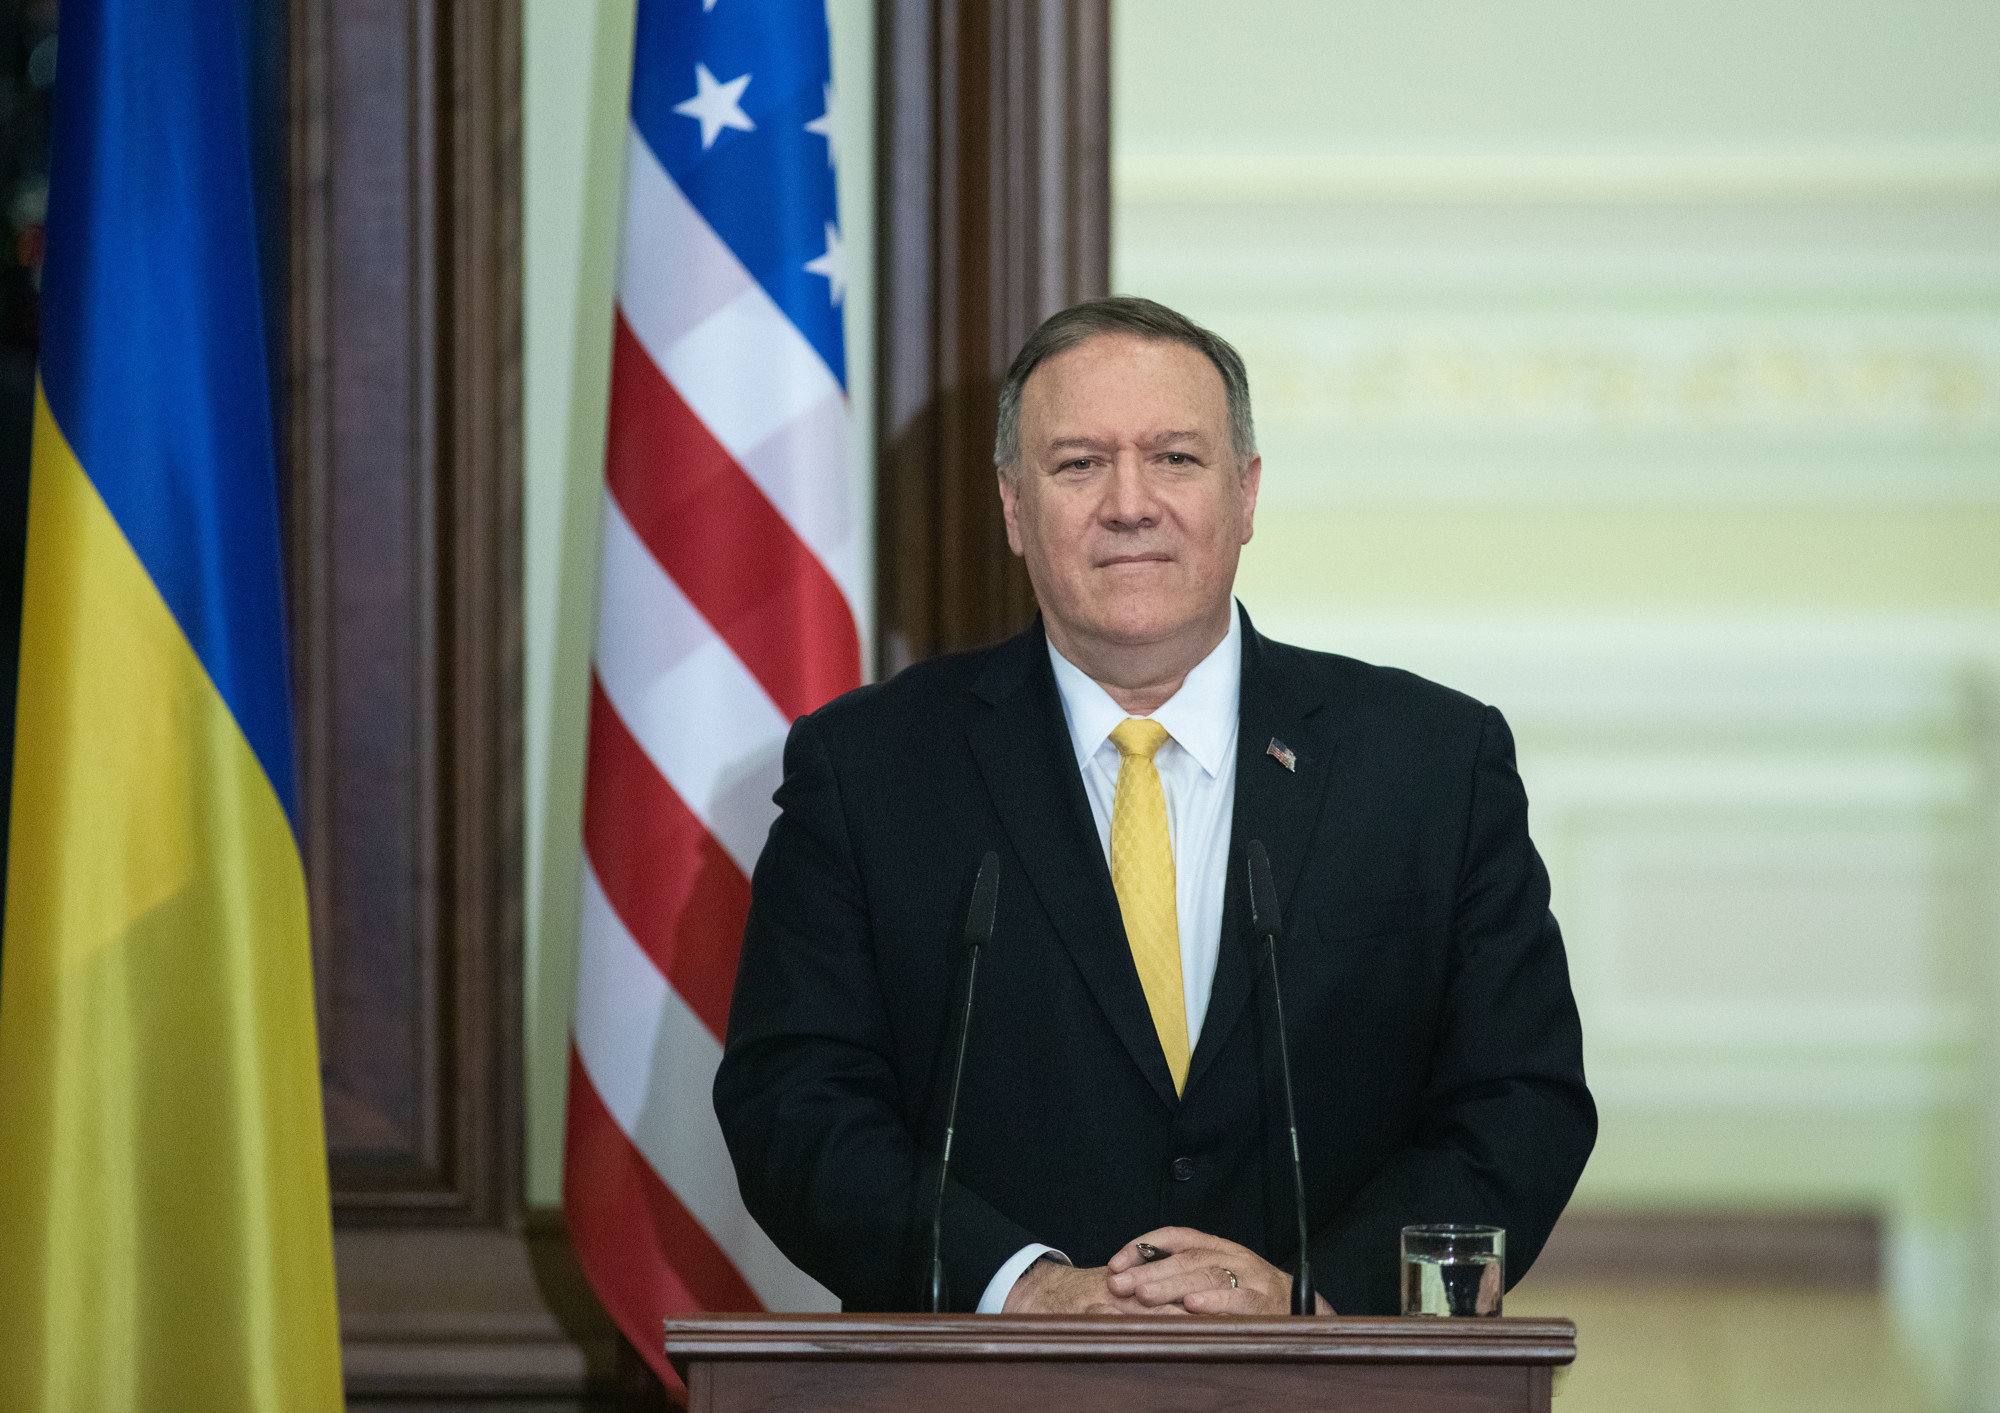 Помпео обвинил Россию в масштабной кибератаке на США